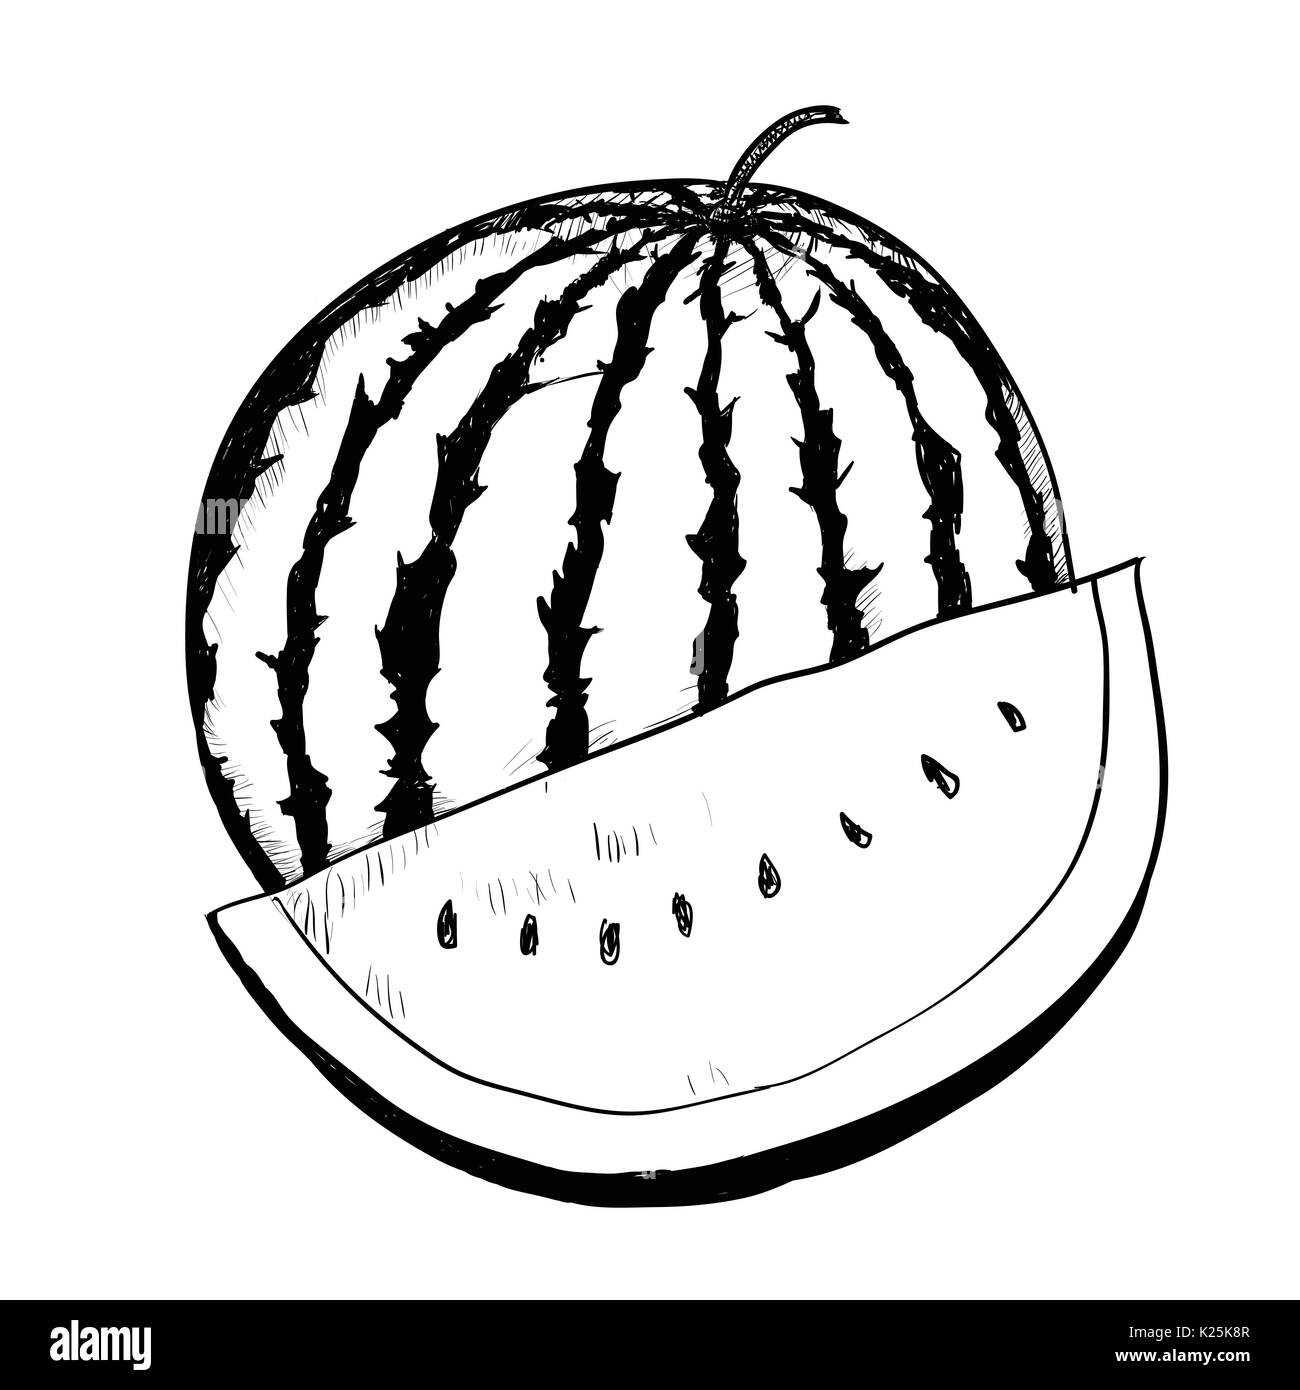 Disegno A Mano Di Anguria Su Sfondo Bianco Bianco E Nero Linea